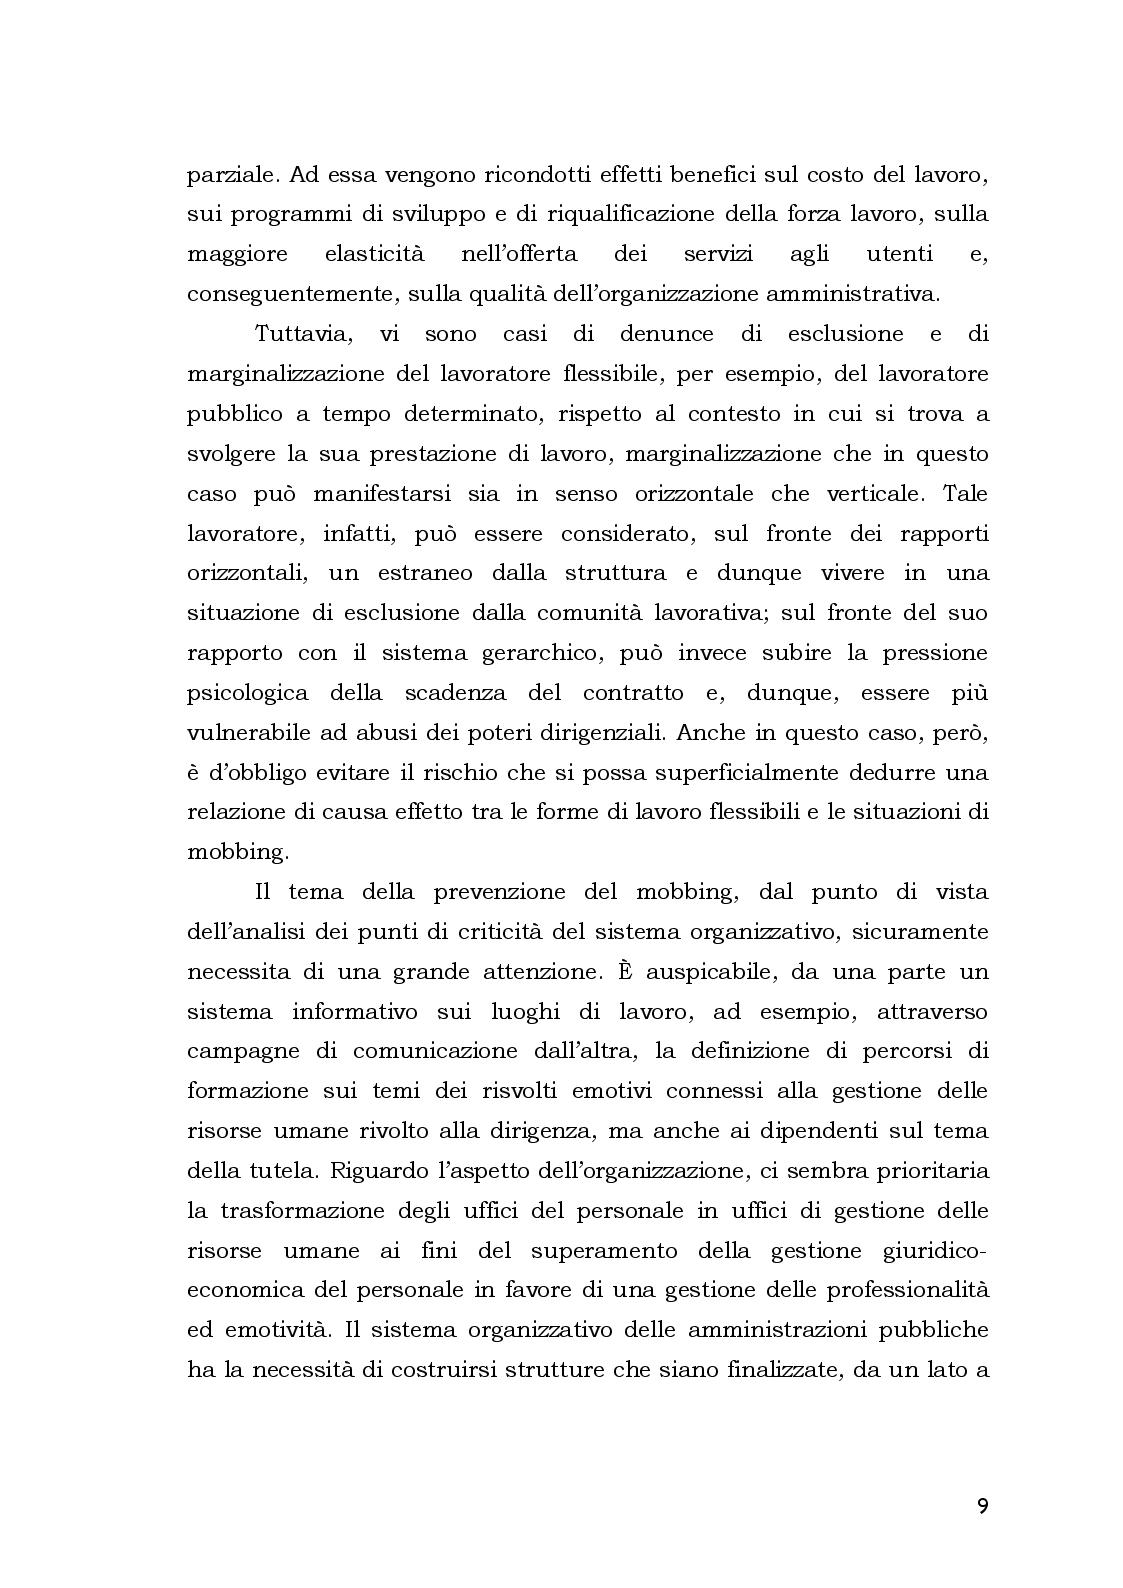 Anteprima della tesi: Aspetti Psicosociali e Girudici del Mobbing nella Pubblica Amministrazione.  Analisi Comparata, Pagina 9